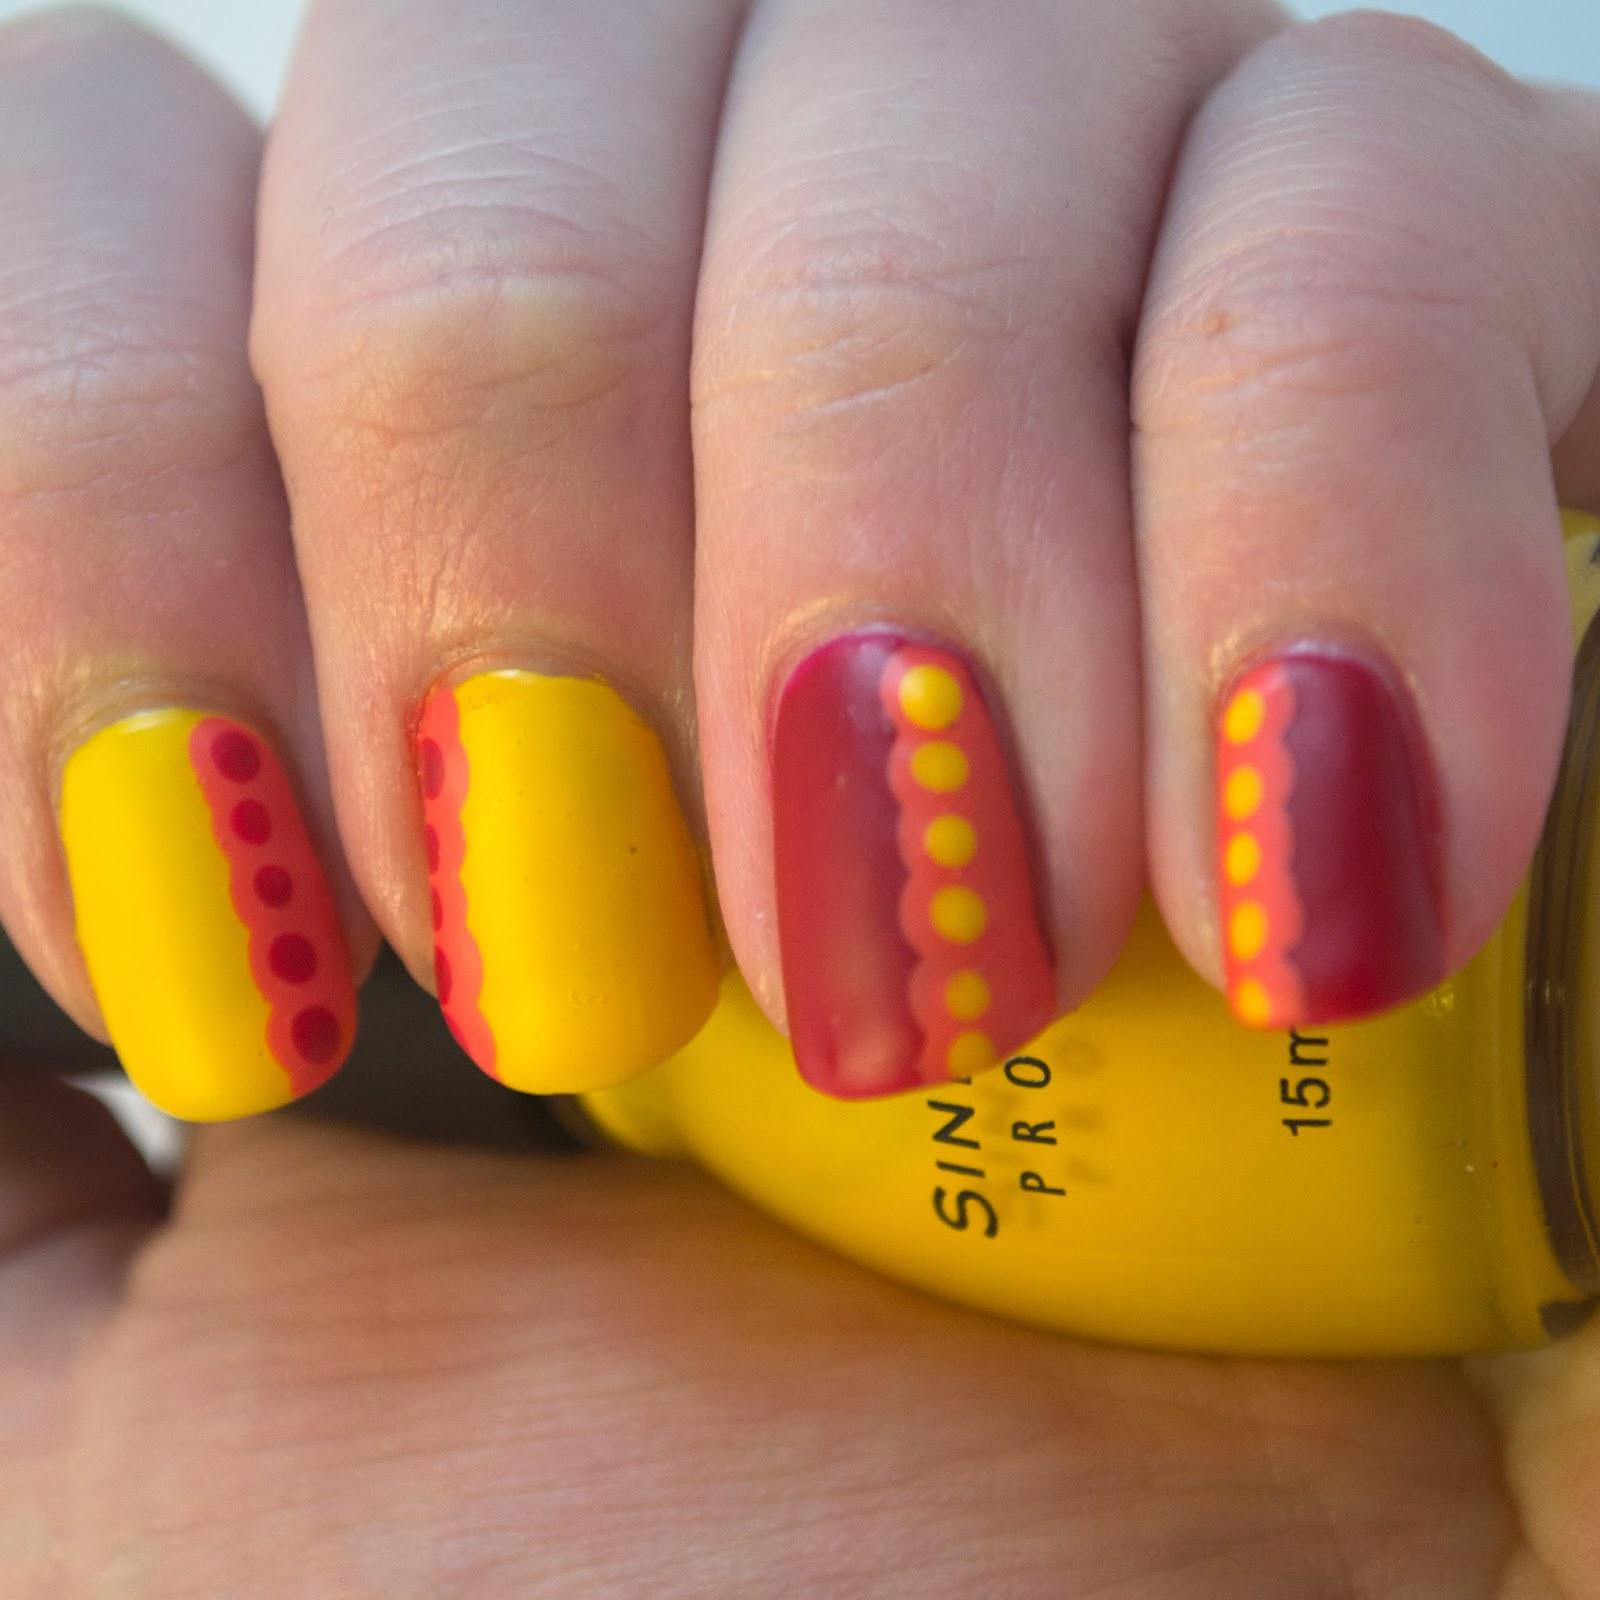 nails, nail polish, nail art, red, orange, yellow, dots, ruffles, hey darling polish, tri polish challenge, tpc